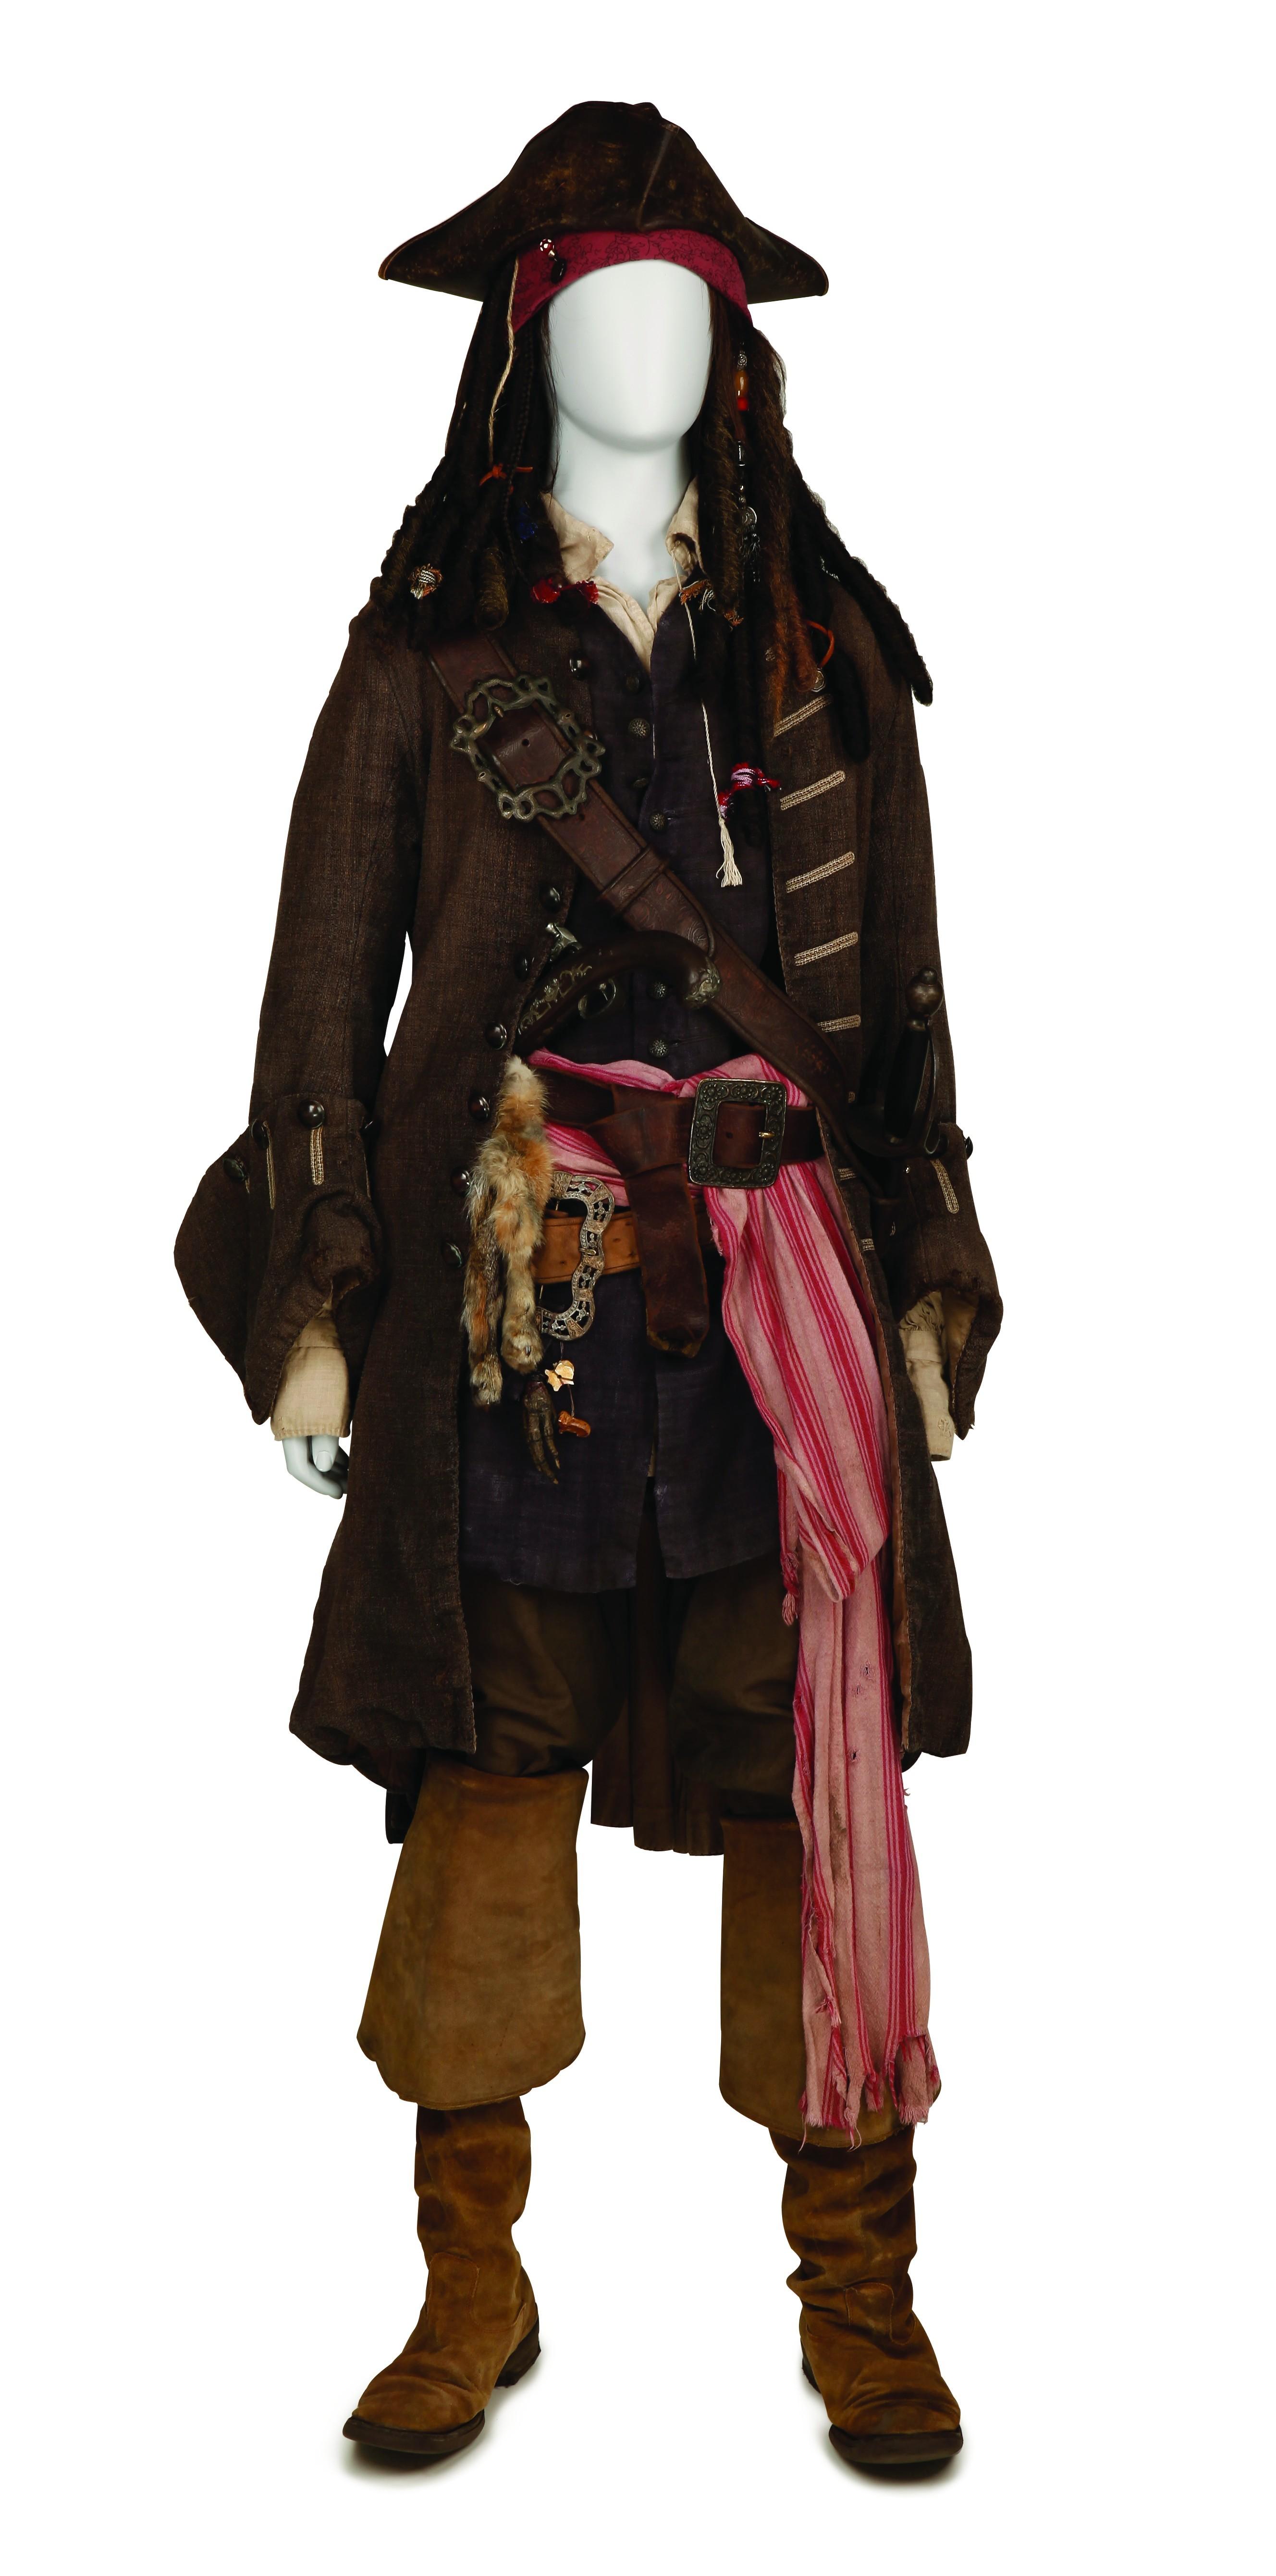 『パイレーツ・オブ・カリビアン/最後の海賊』 ジョニー・デップのアイディアが詰まった衣裳と小道具 (C)Disney